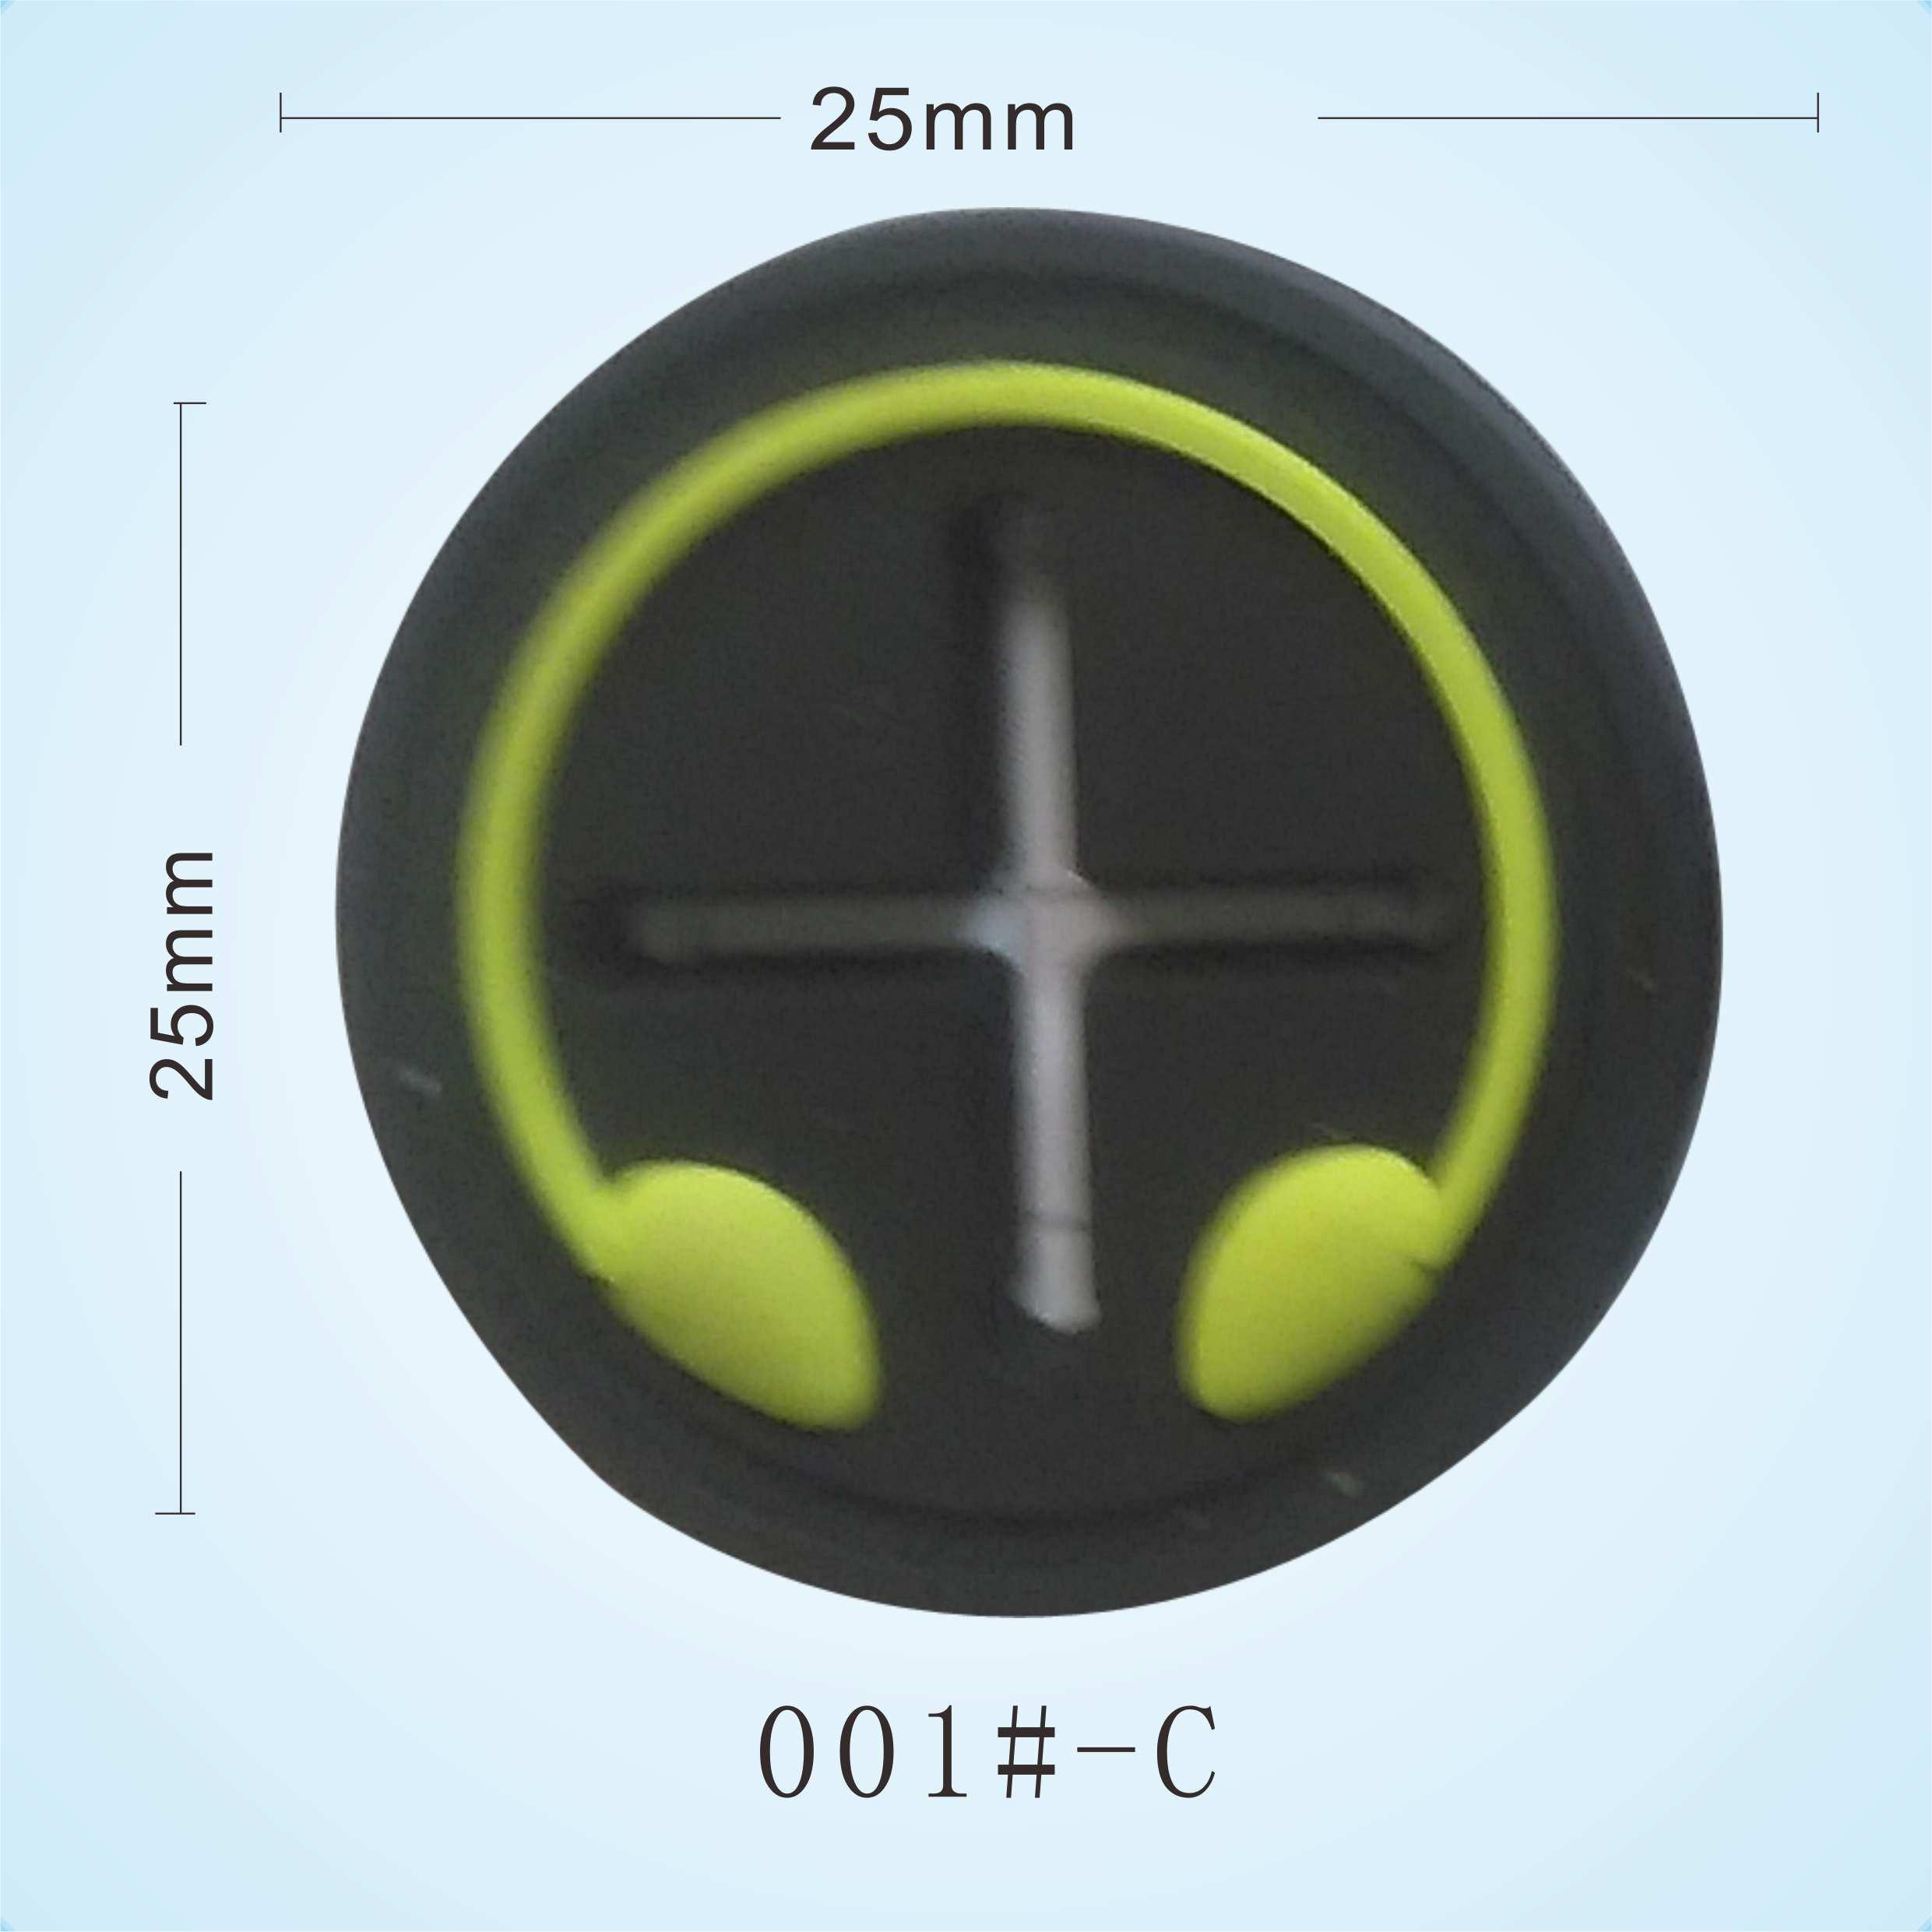 厂家供应耳机孔胶标 服装功能耳机孔胶章 十字耳机孔颜色可定制 PVC软胶十字耳机孔